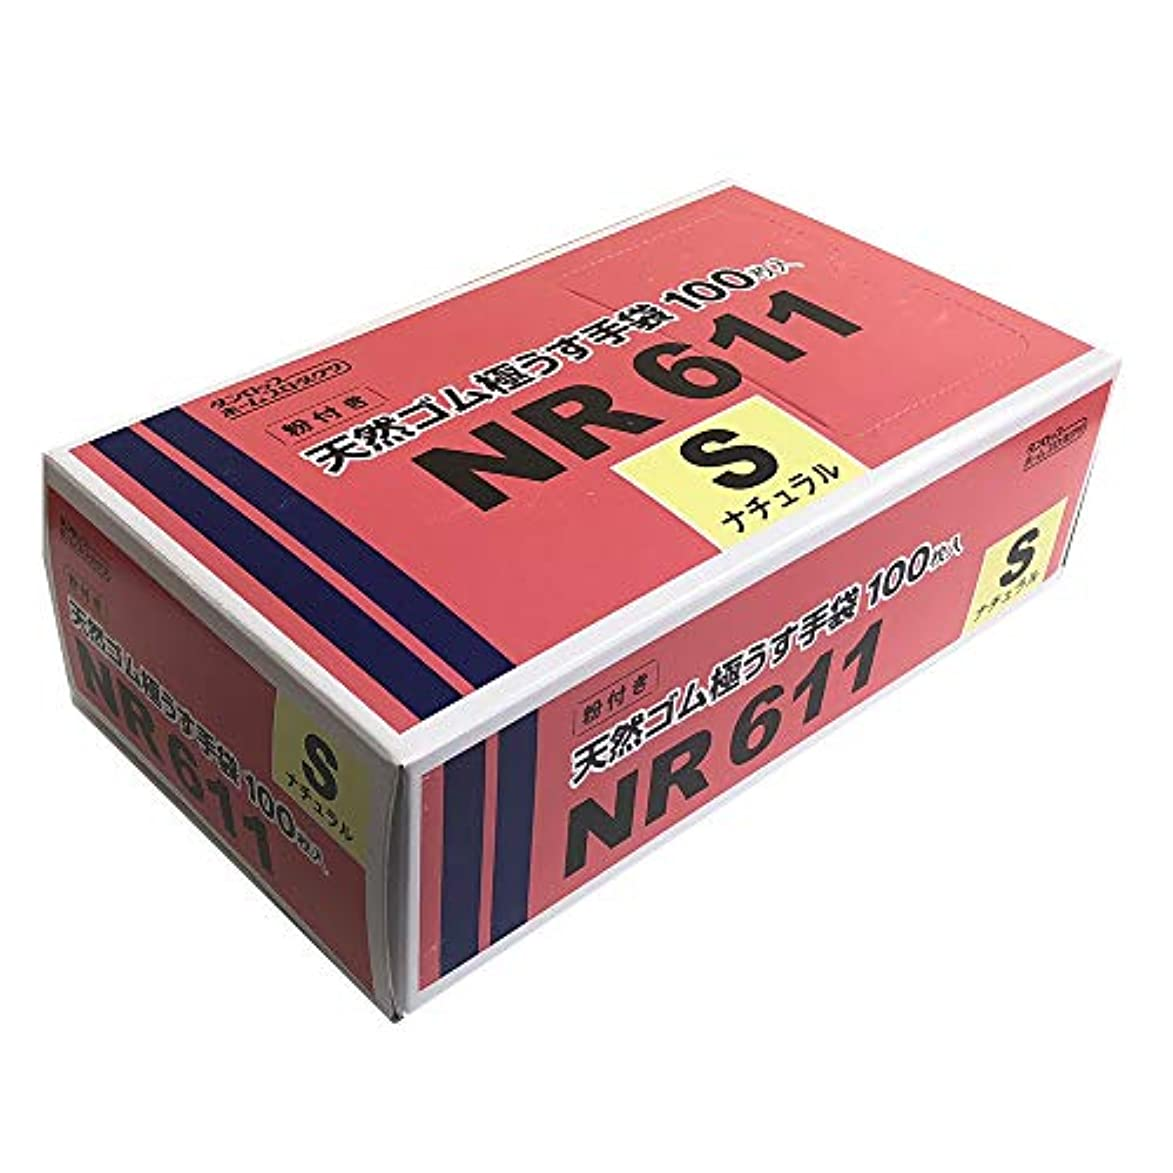 クローゼット比較的感謝しているDP NR611 粉付天然ゴム極薄手袋S-N